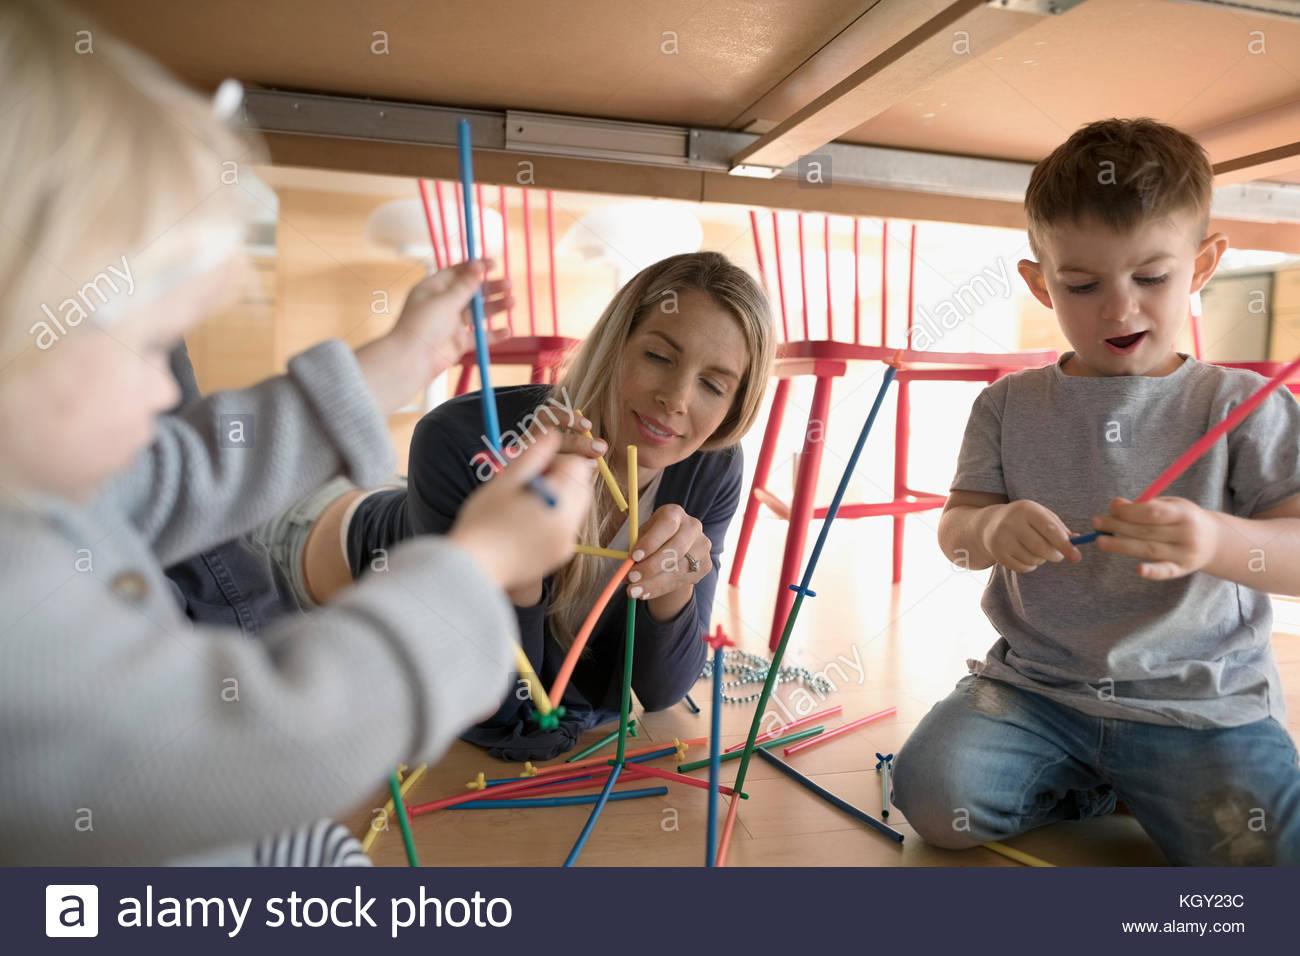 La madre y el niño los niños jugando con el conector palos bajo la mesa Imagen De Stock